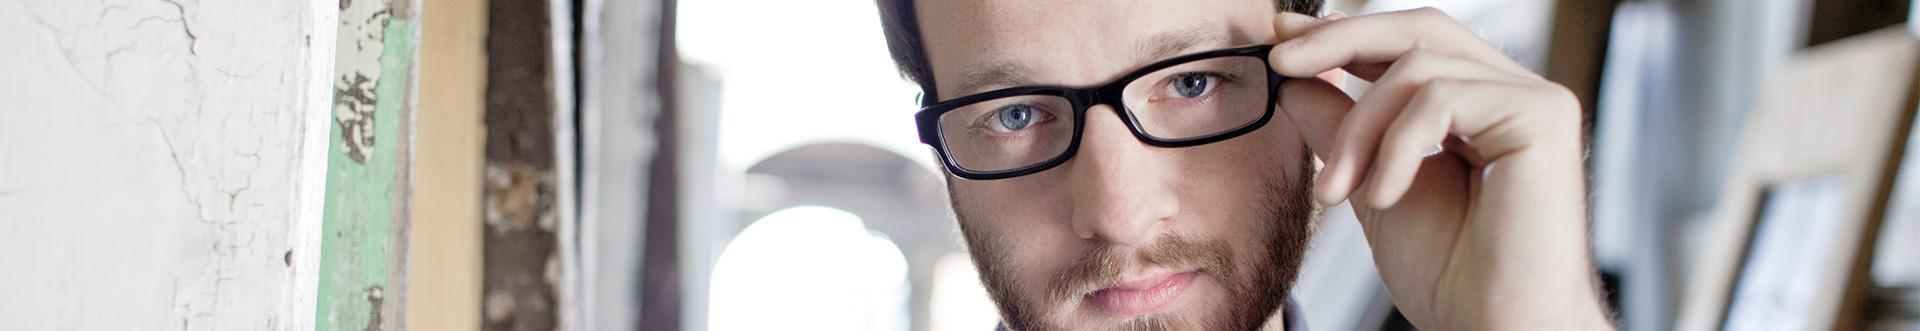 O acessório que fará a diferença no seu olhar  confira nossa linha  exclusiva para óculos masculinos. d97b6fa6b1